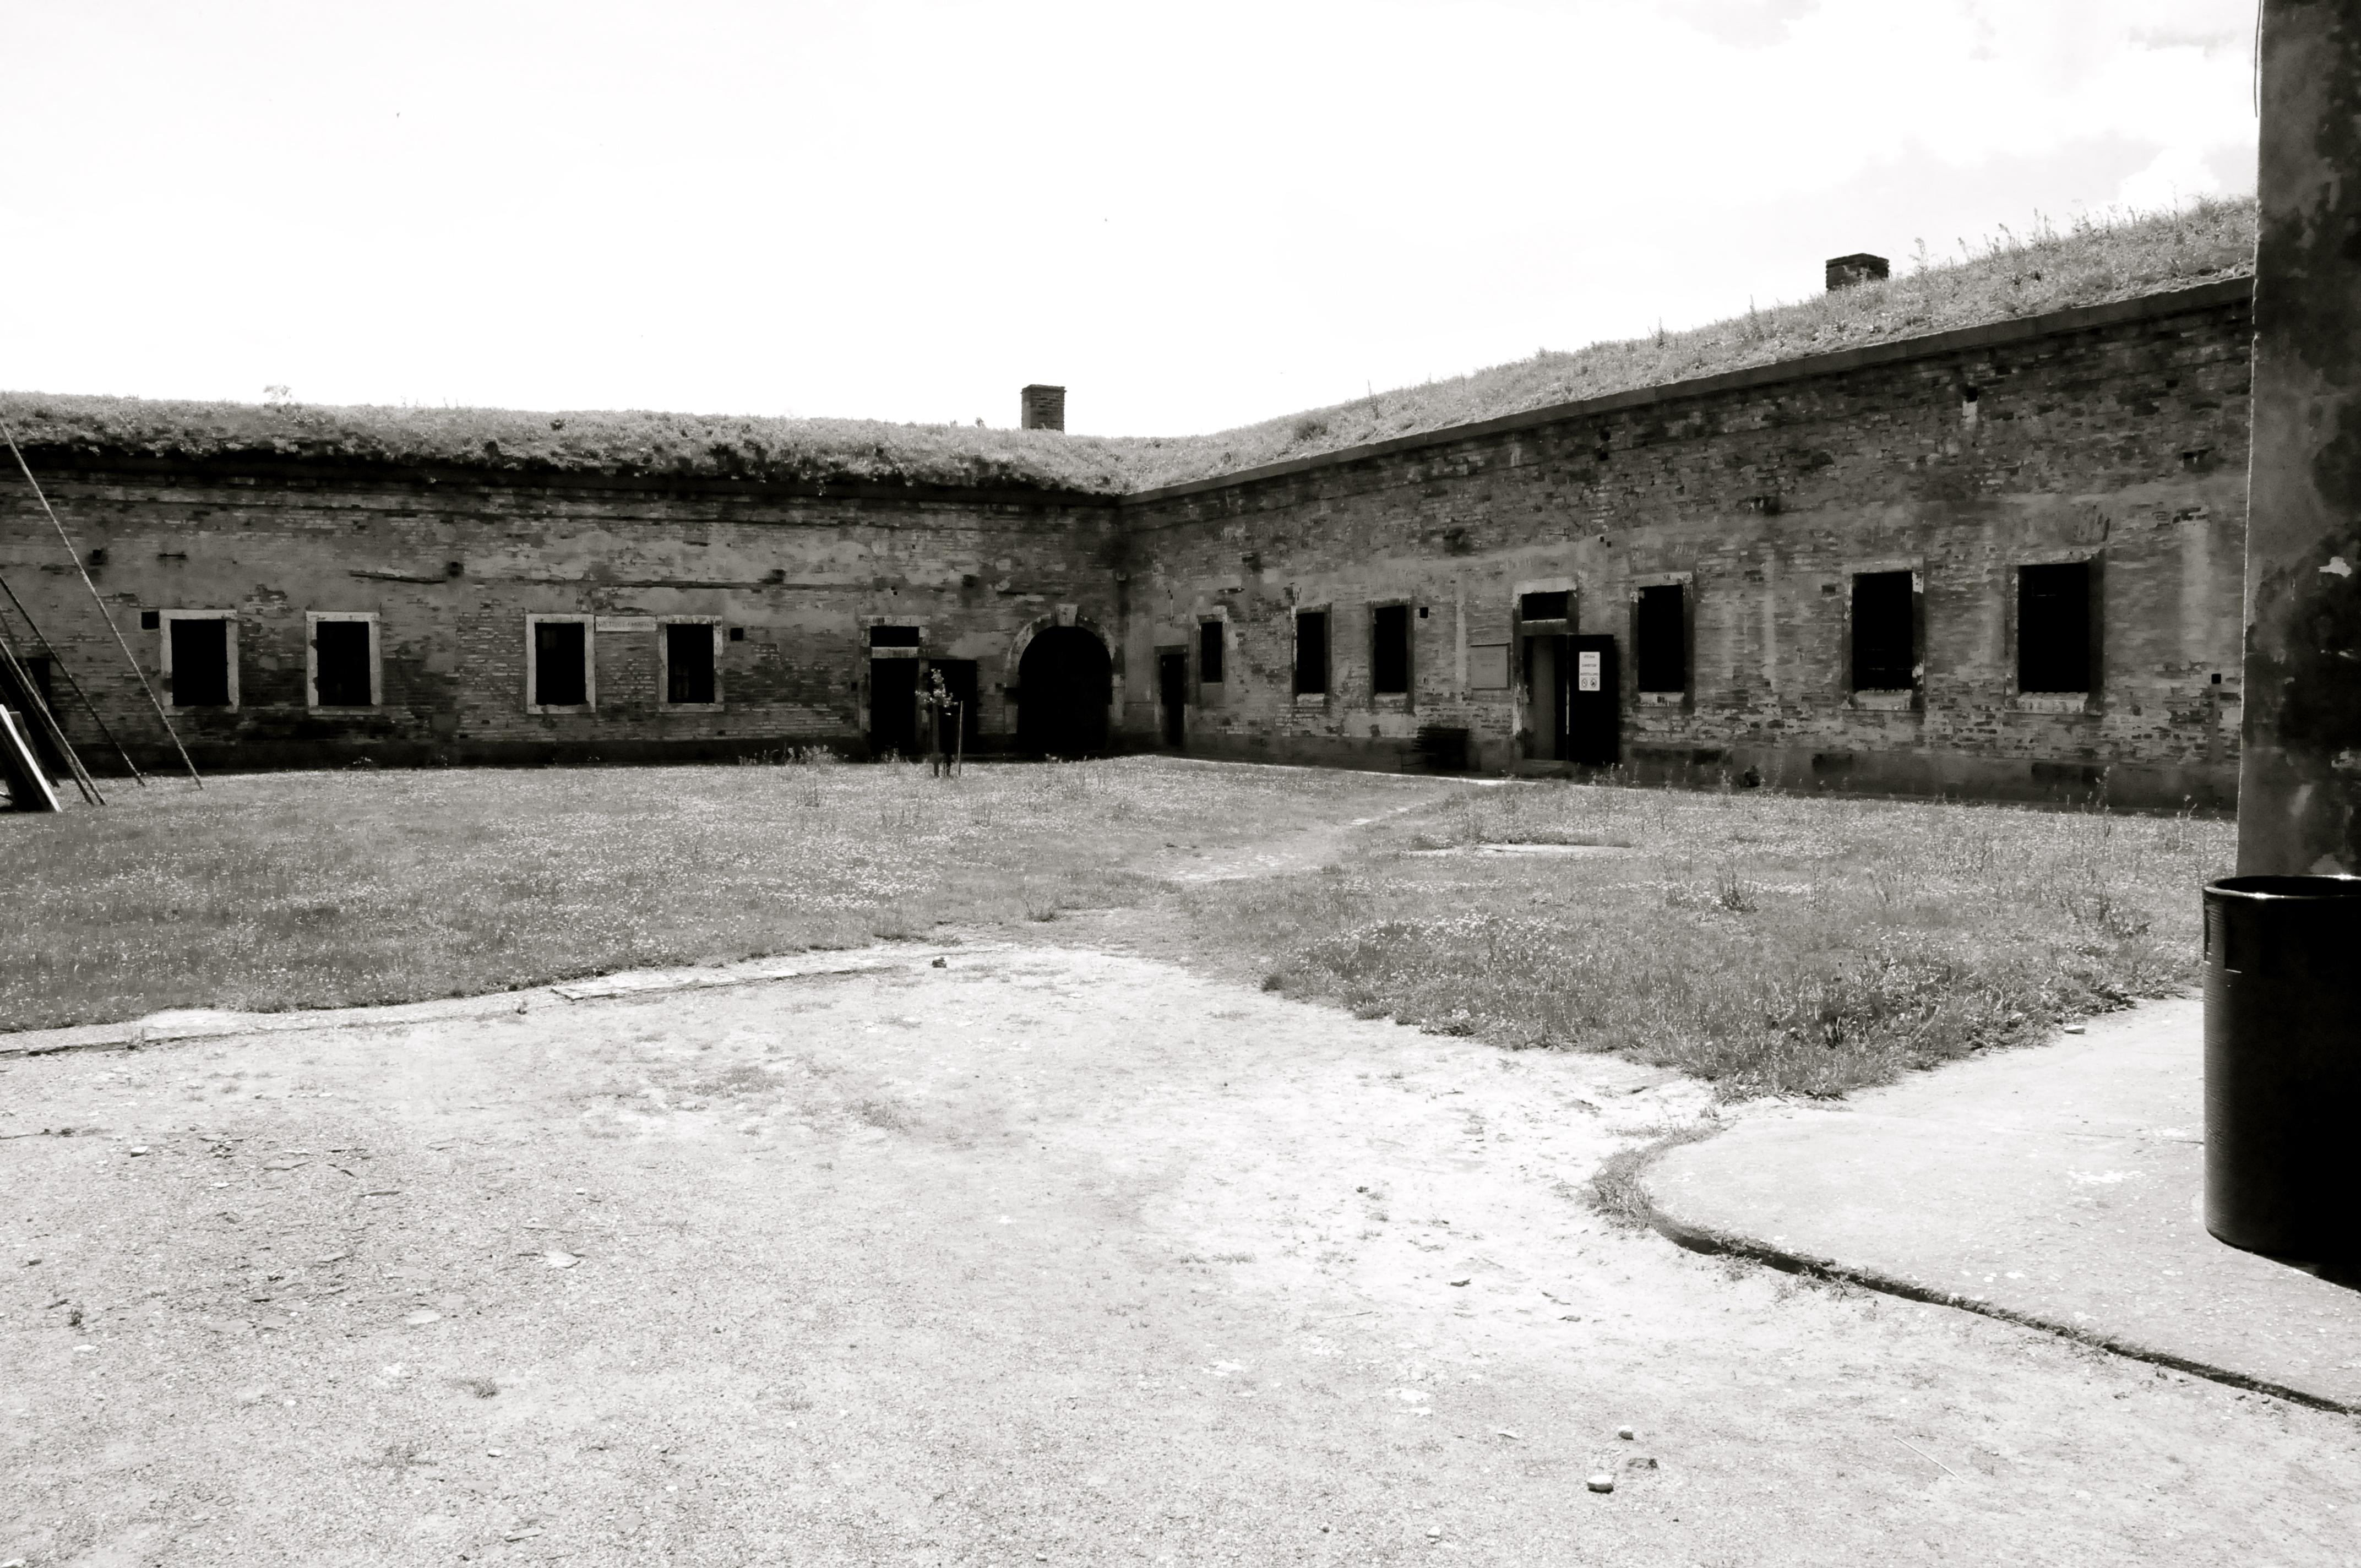 Terezín, Czechia